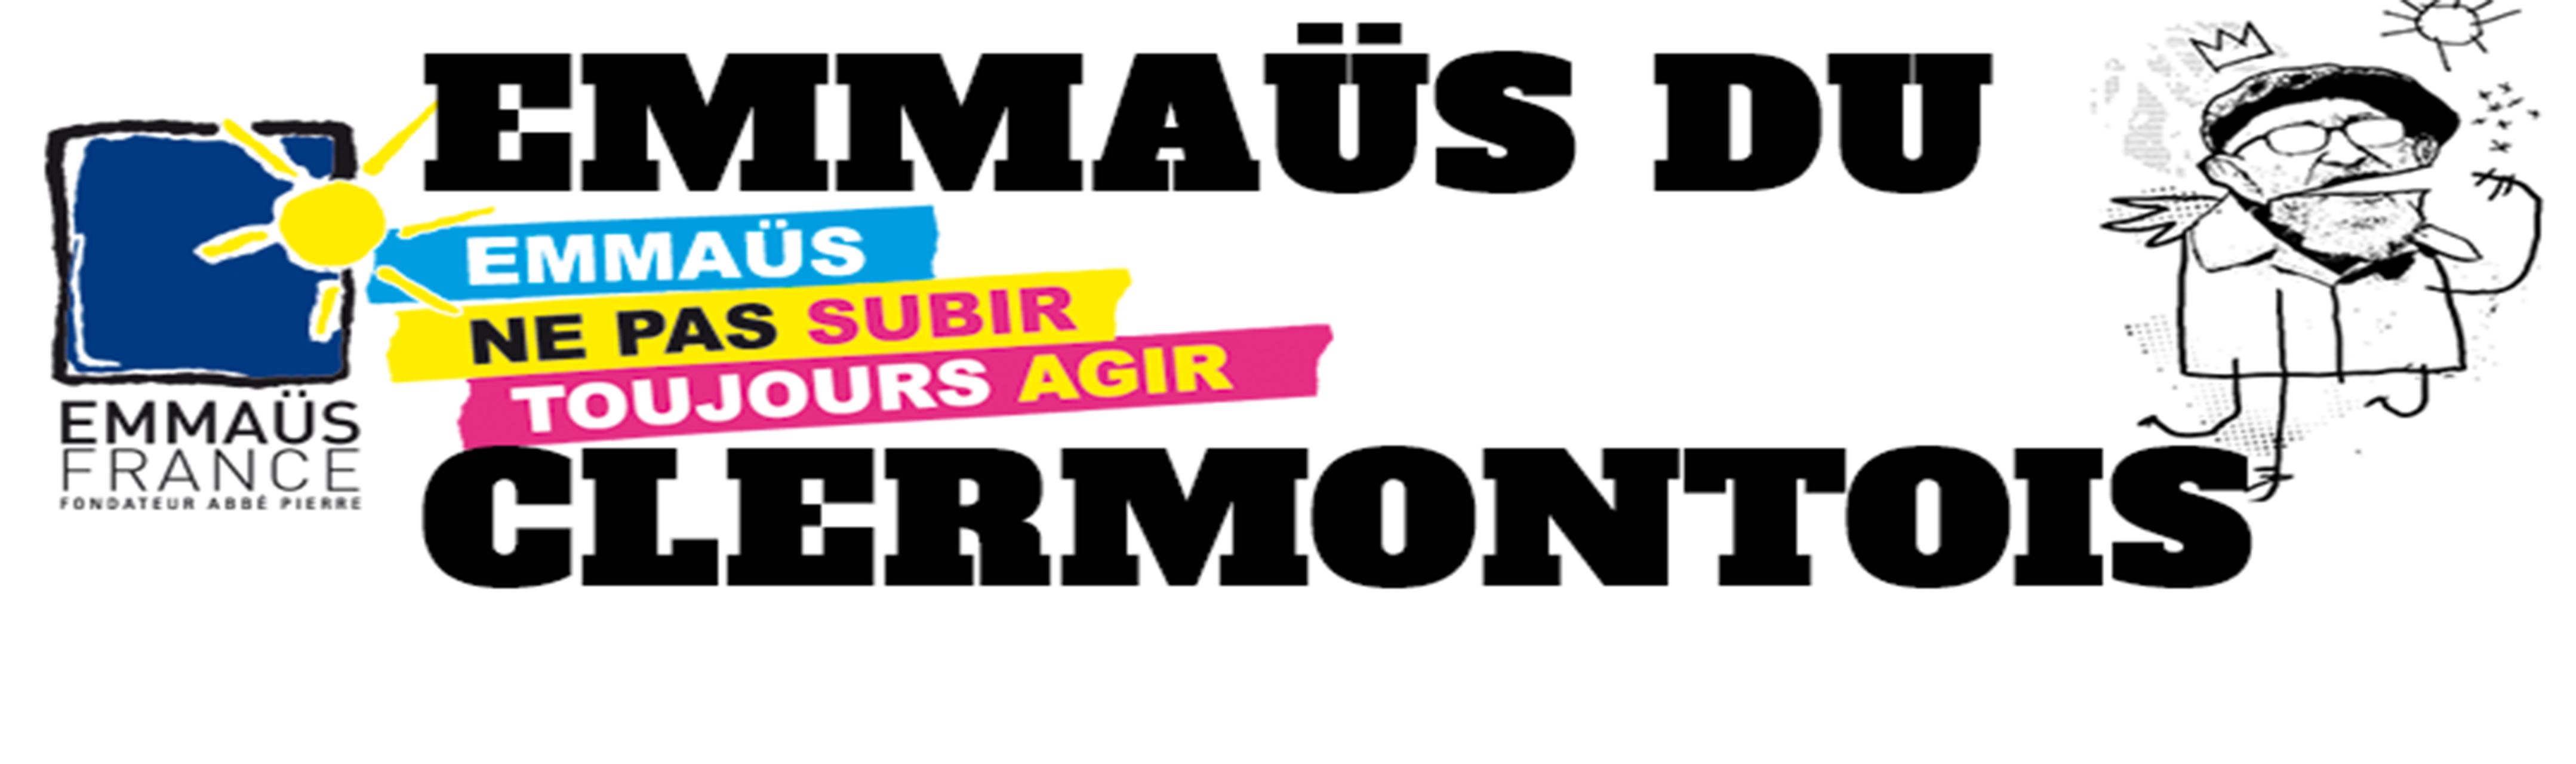 logo de la communauté emmaûs du clermontois